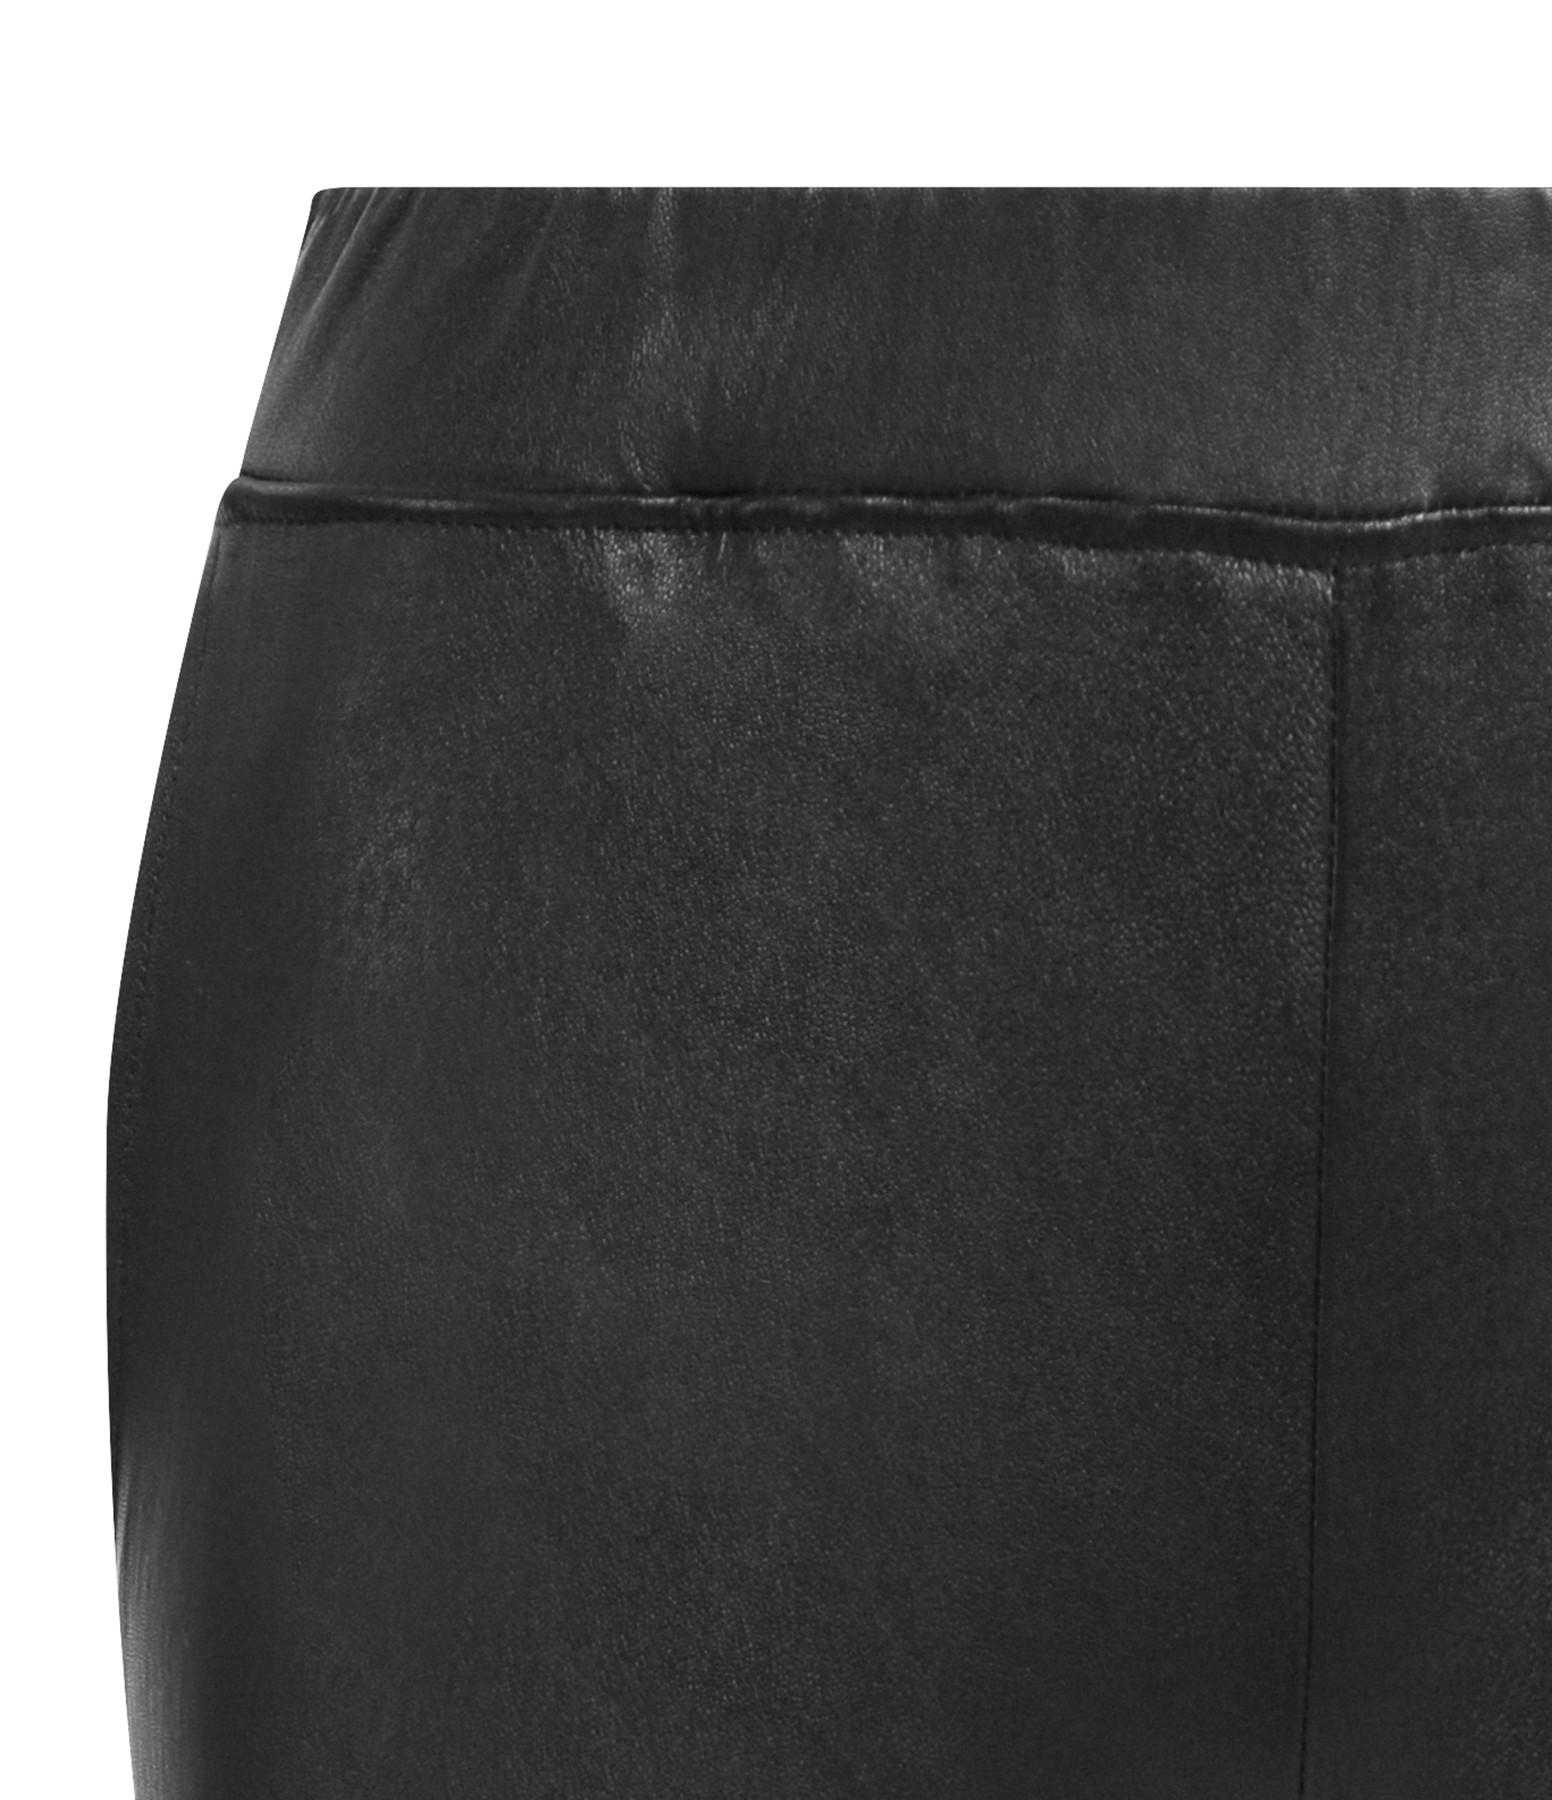 VENTCOUVERT - Pantalon Chino Agneau Stretch Noir